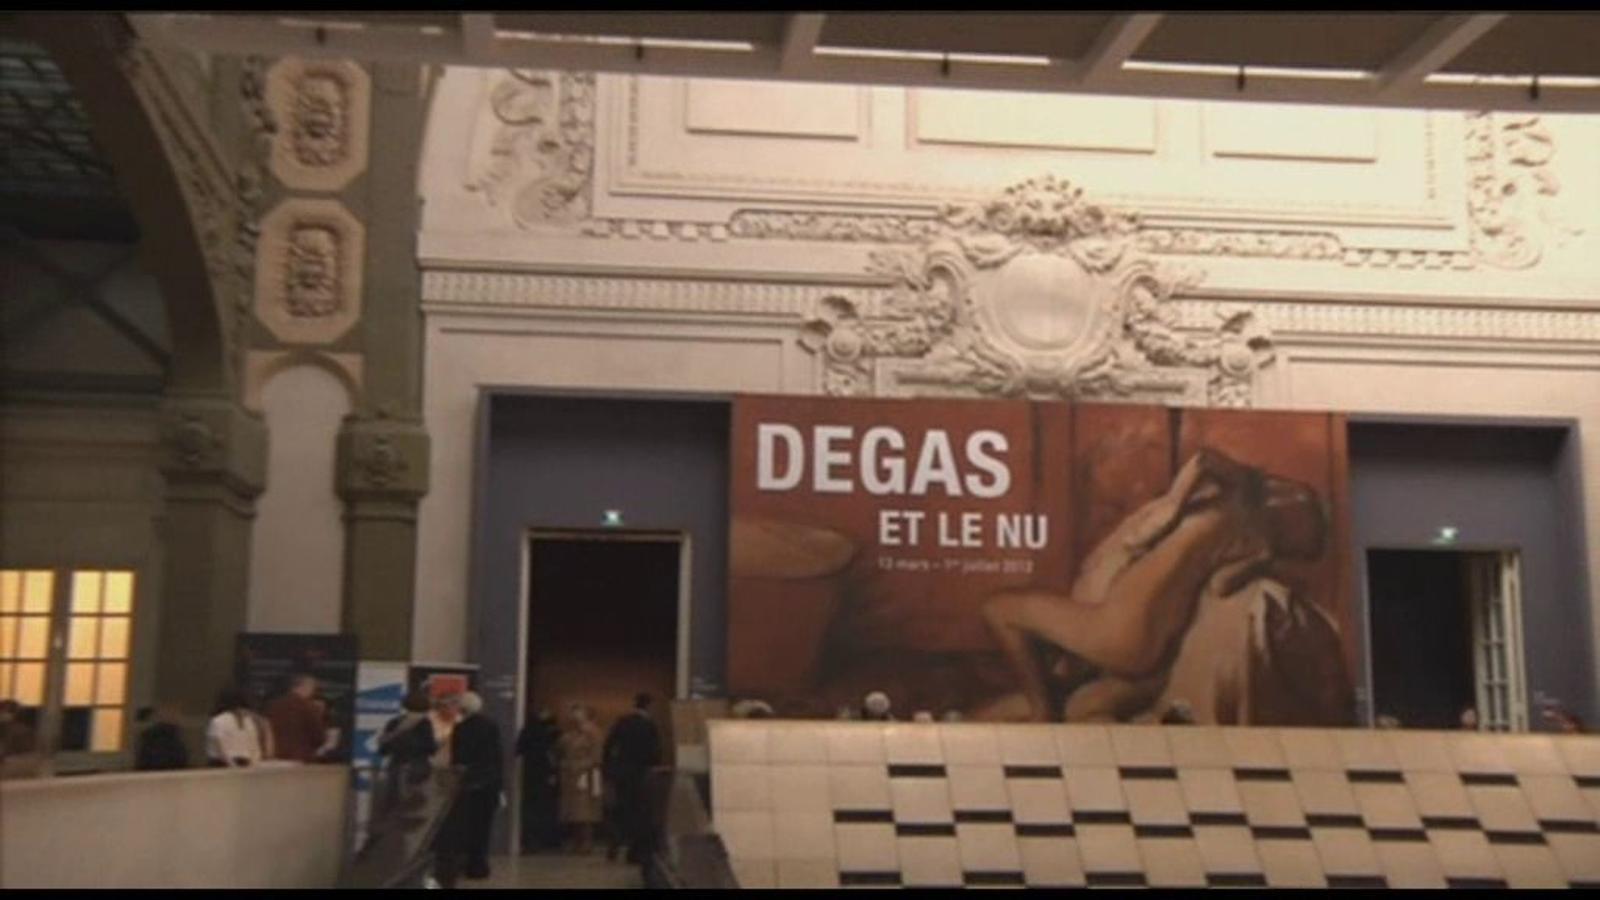 Els nus de Degas, en una exposició a París